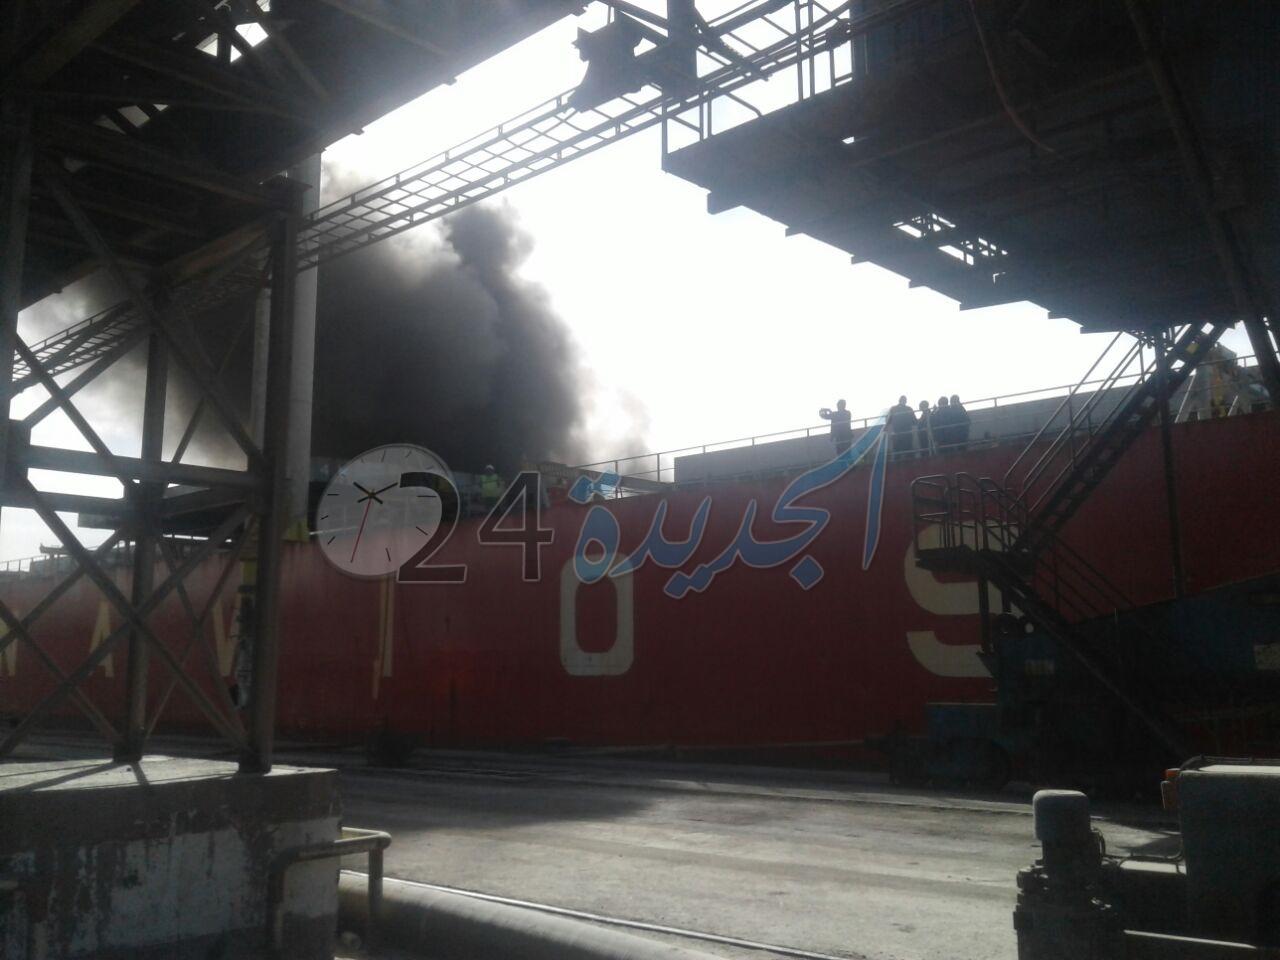 بالصور.. اندلاع حريق مهول داخل سفينة أجنبية في ميناء الجرف الأصفر